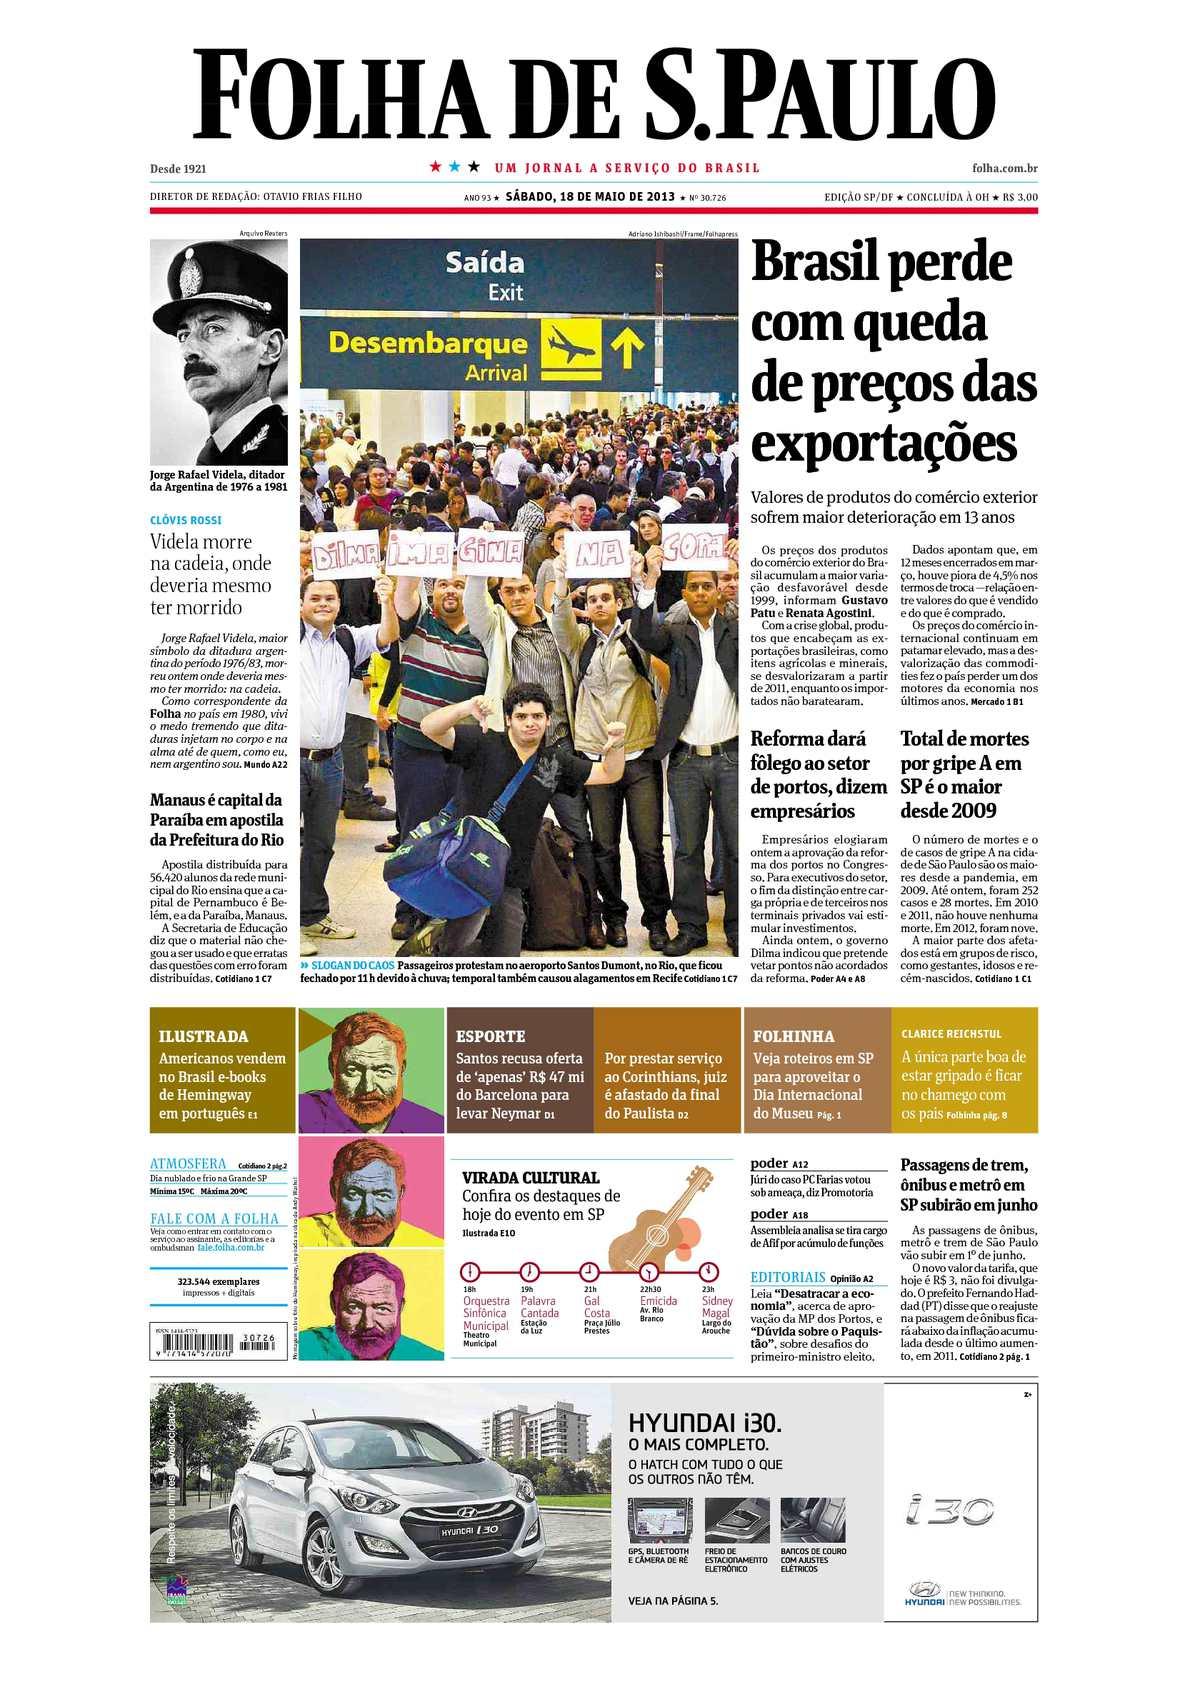 Calaméo - Folha de São Paulo 18-05-2013 07bddc29a5